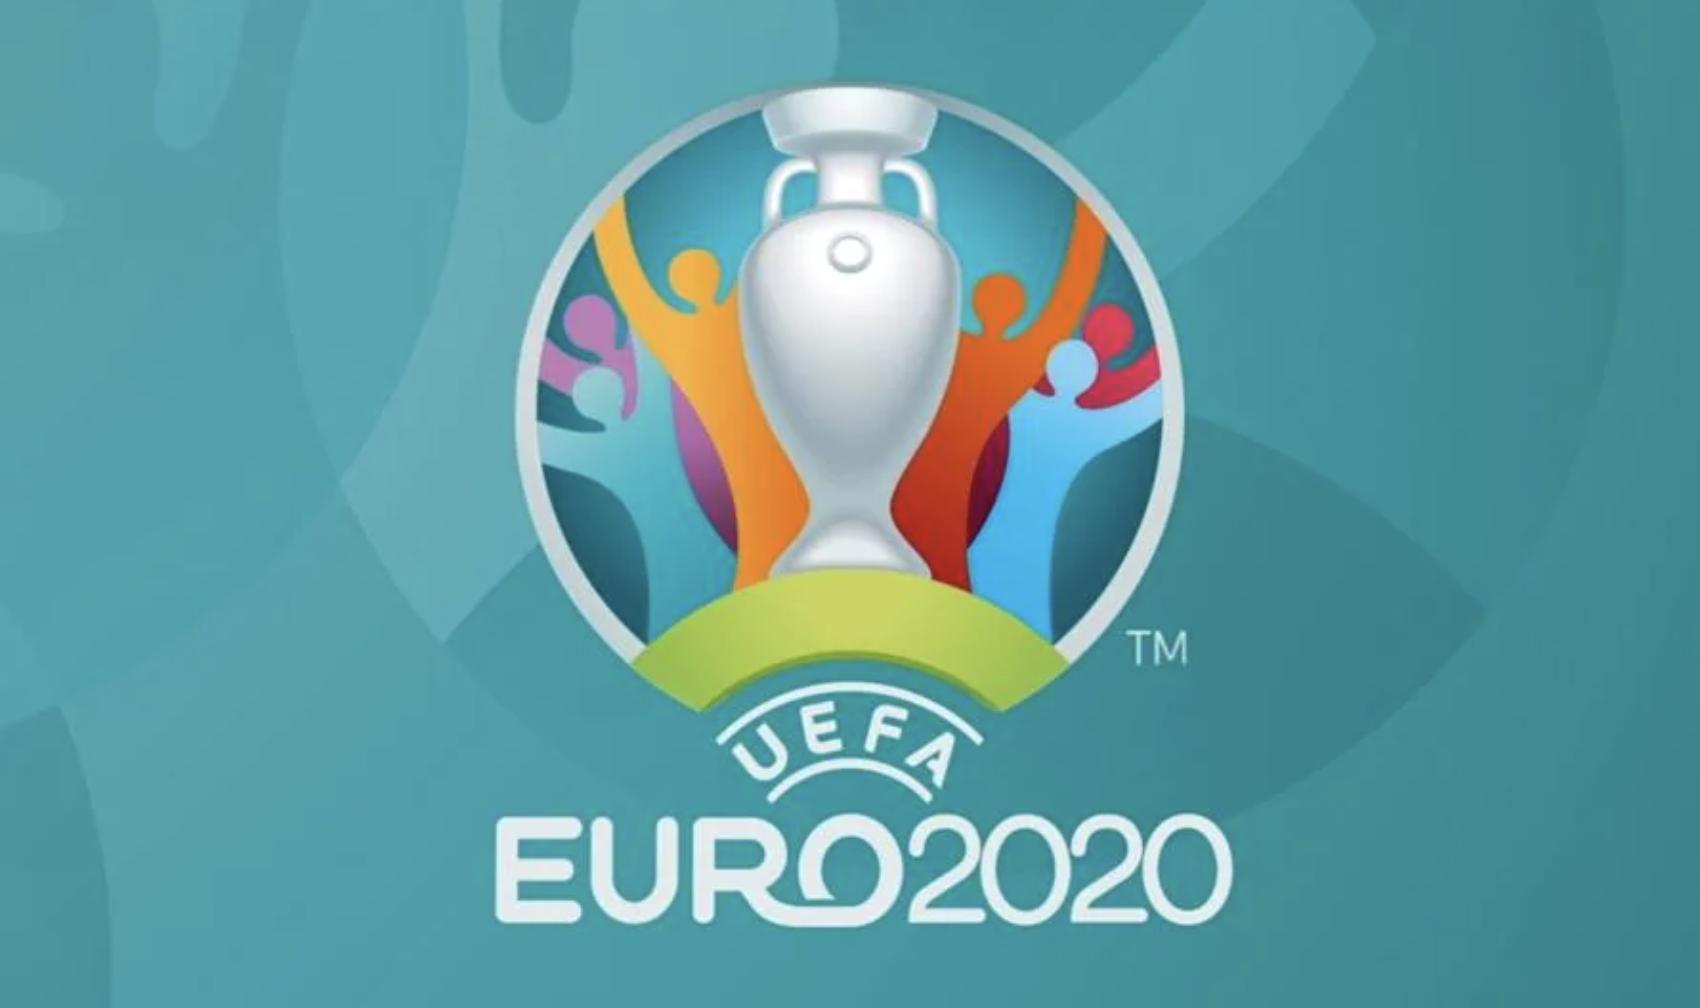 Με ήττες ξεκίνησαν στο EURO Τουρκία, Κροατία και Βόρεια Μακεδονία